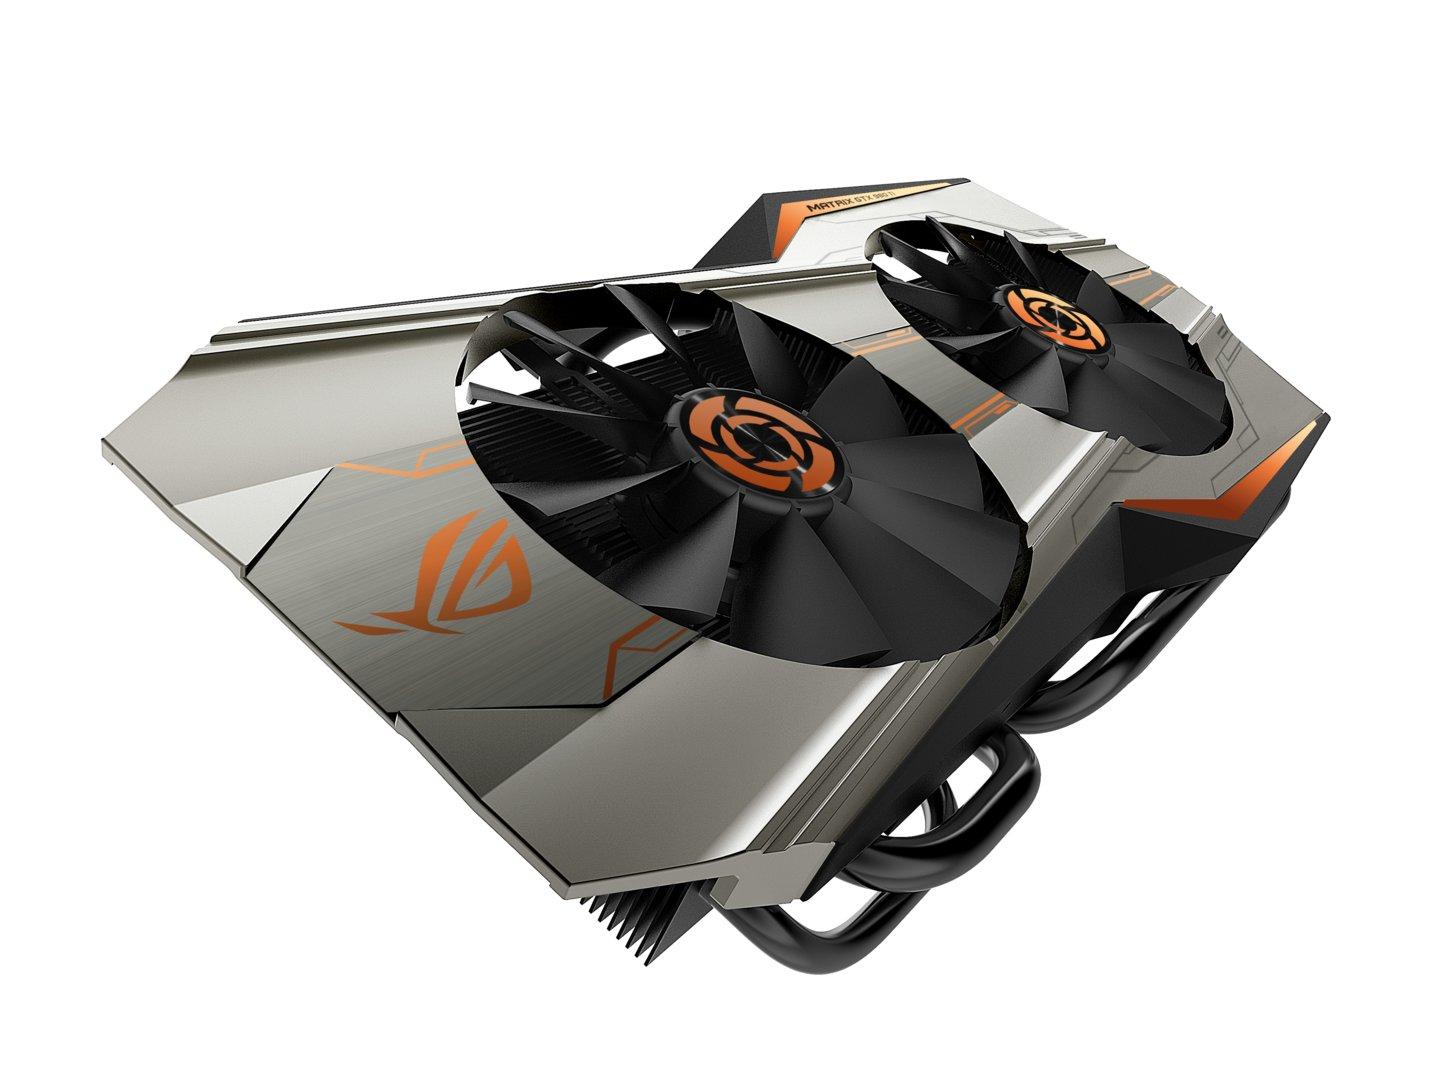 Asus Matrix GTX 980 Ti Platinum